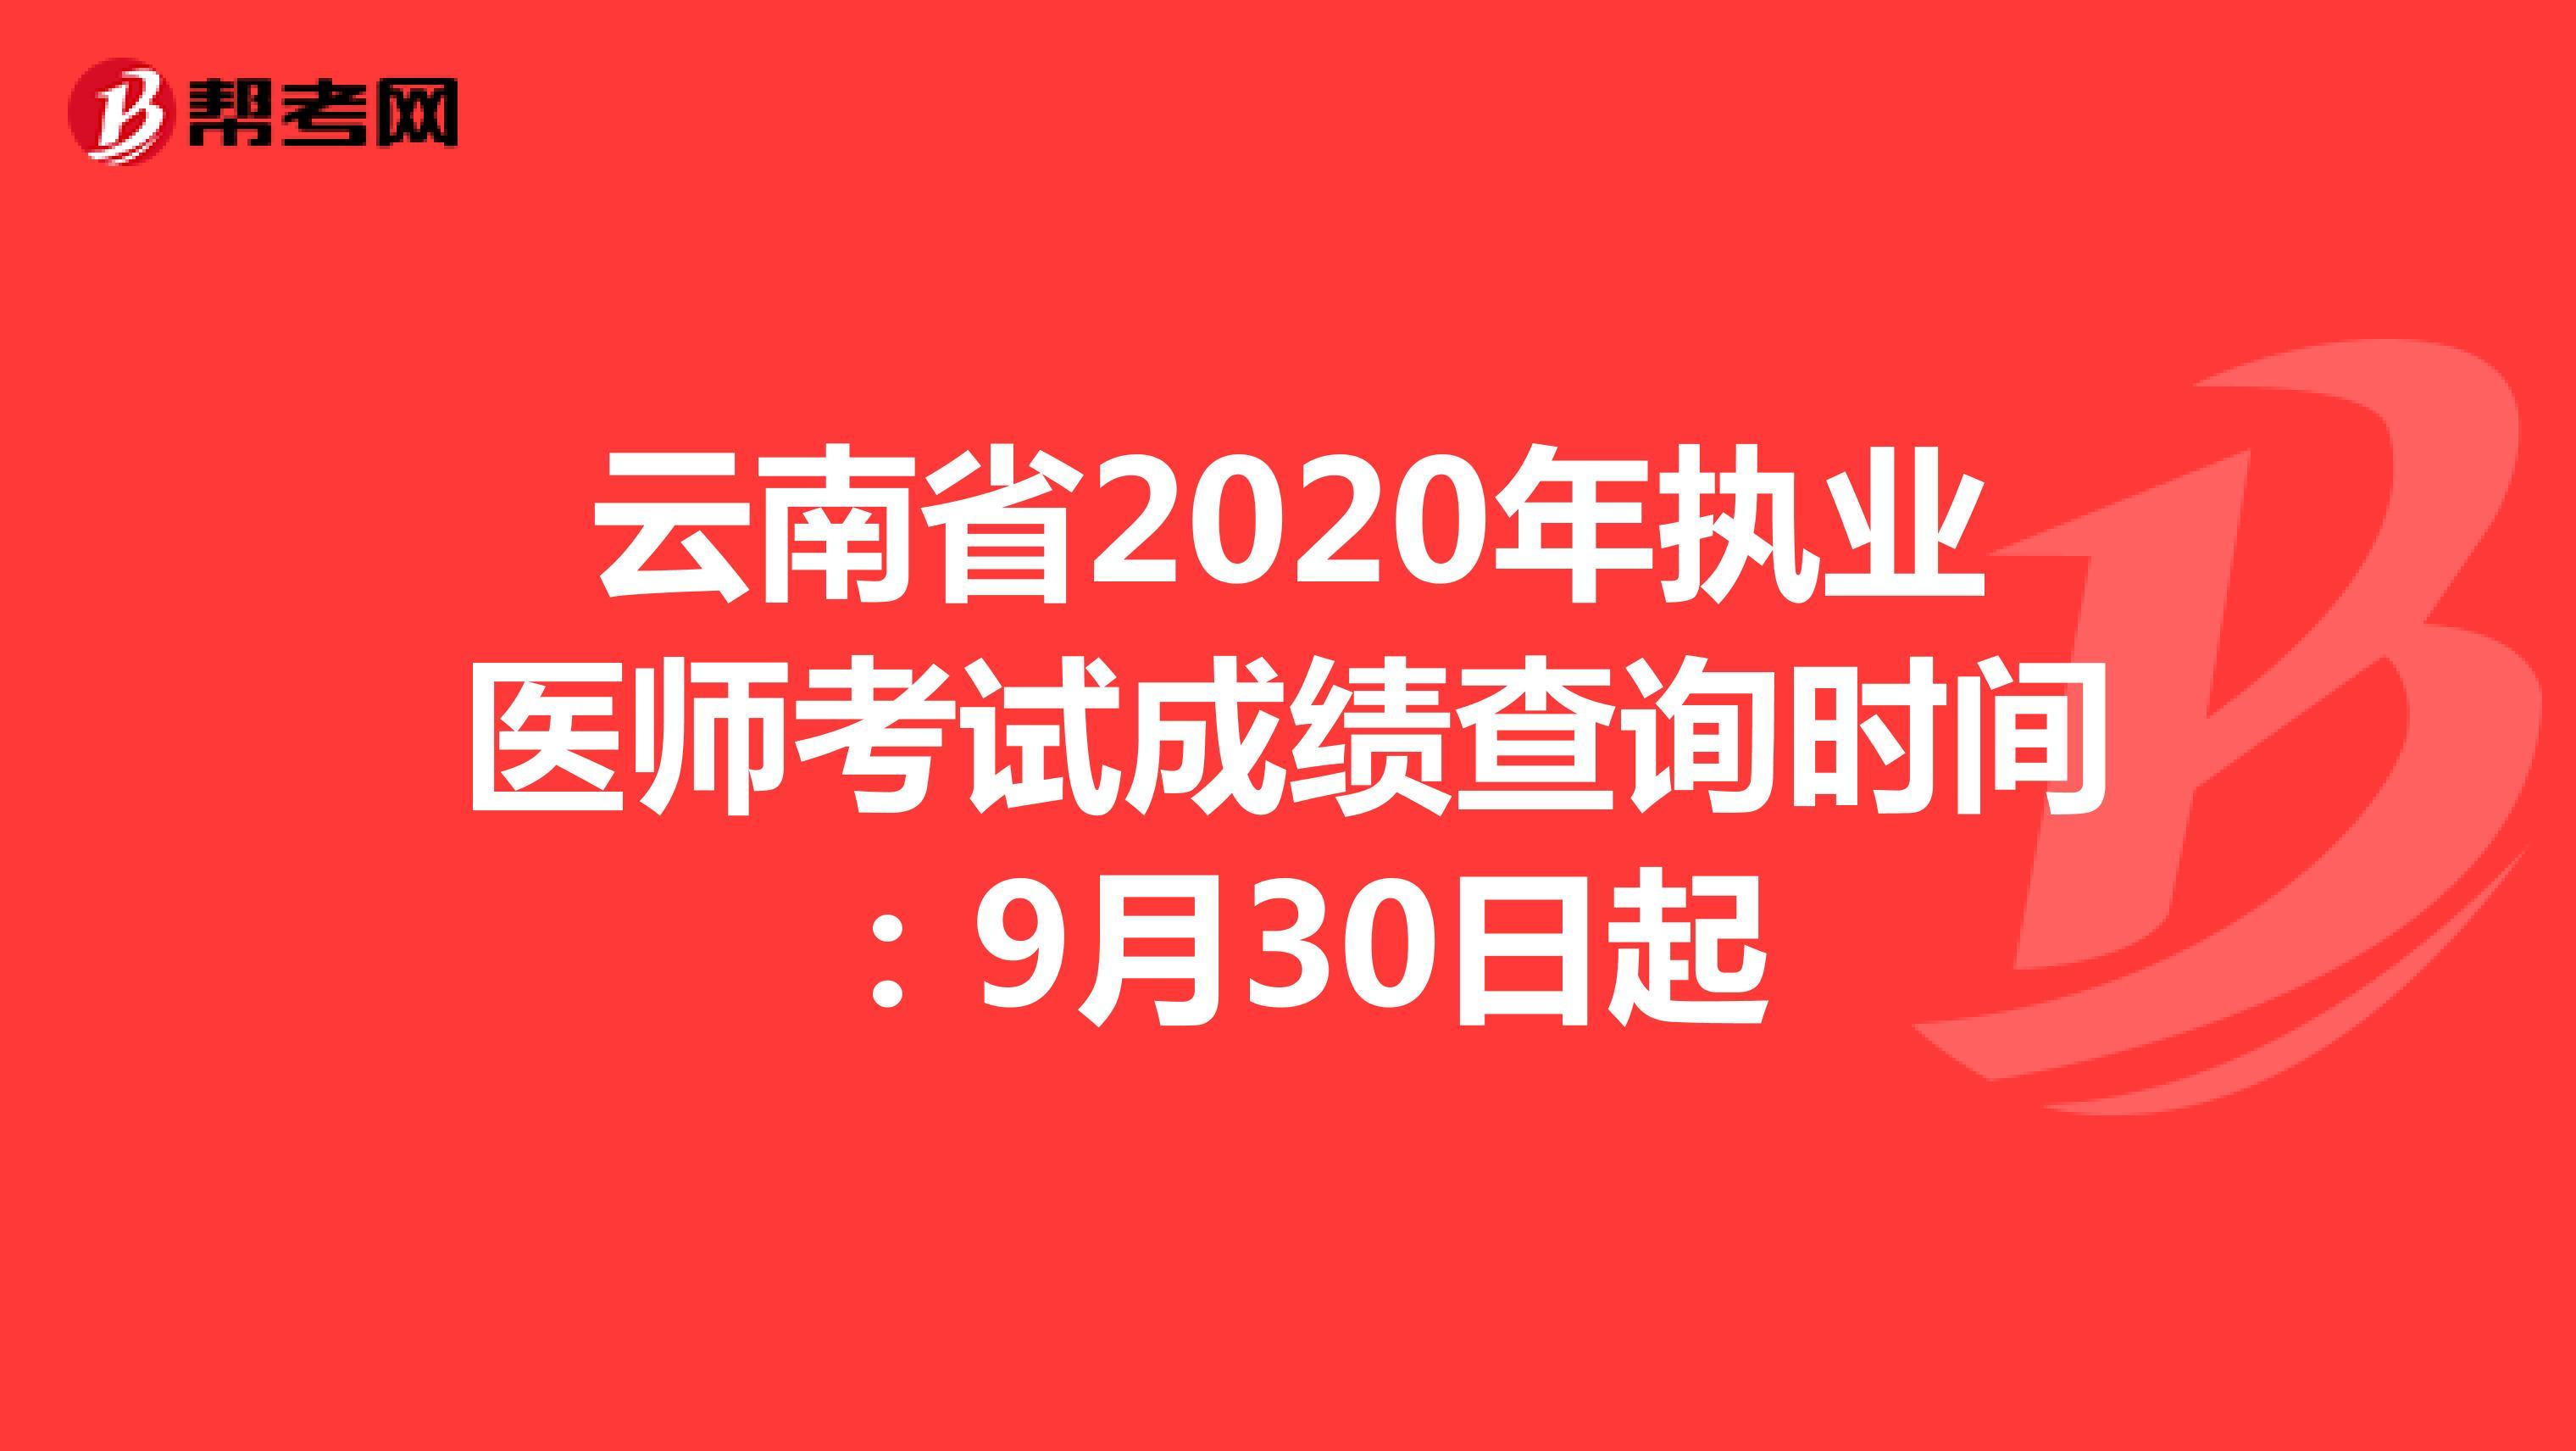 云南省2020年执业医师考试成绩查询时间:9月30日起